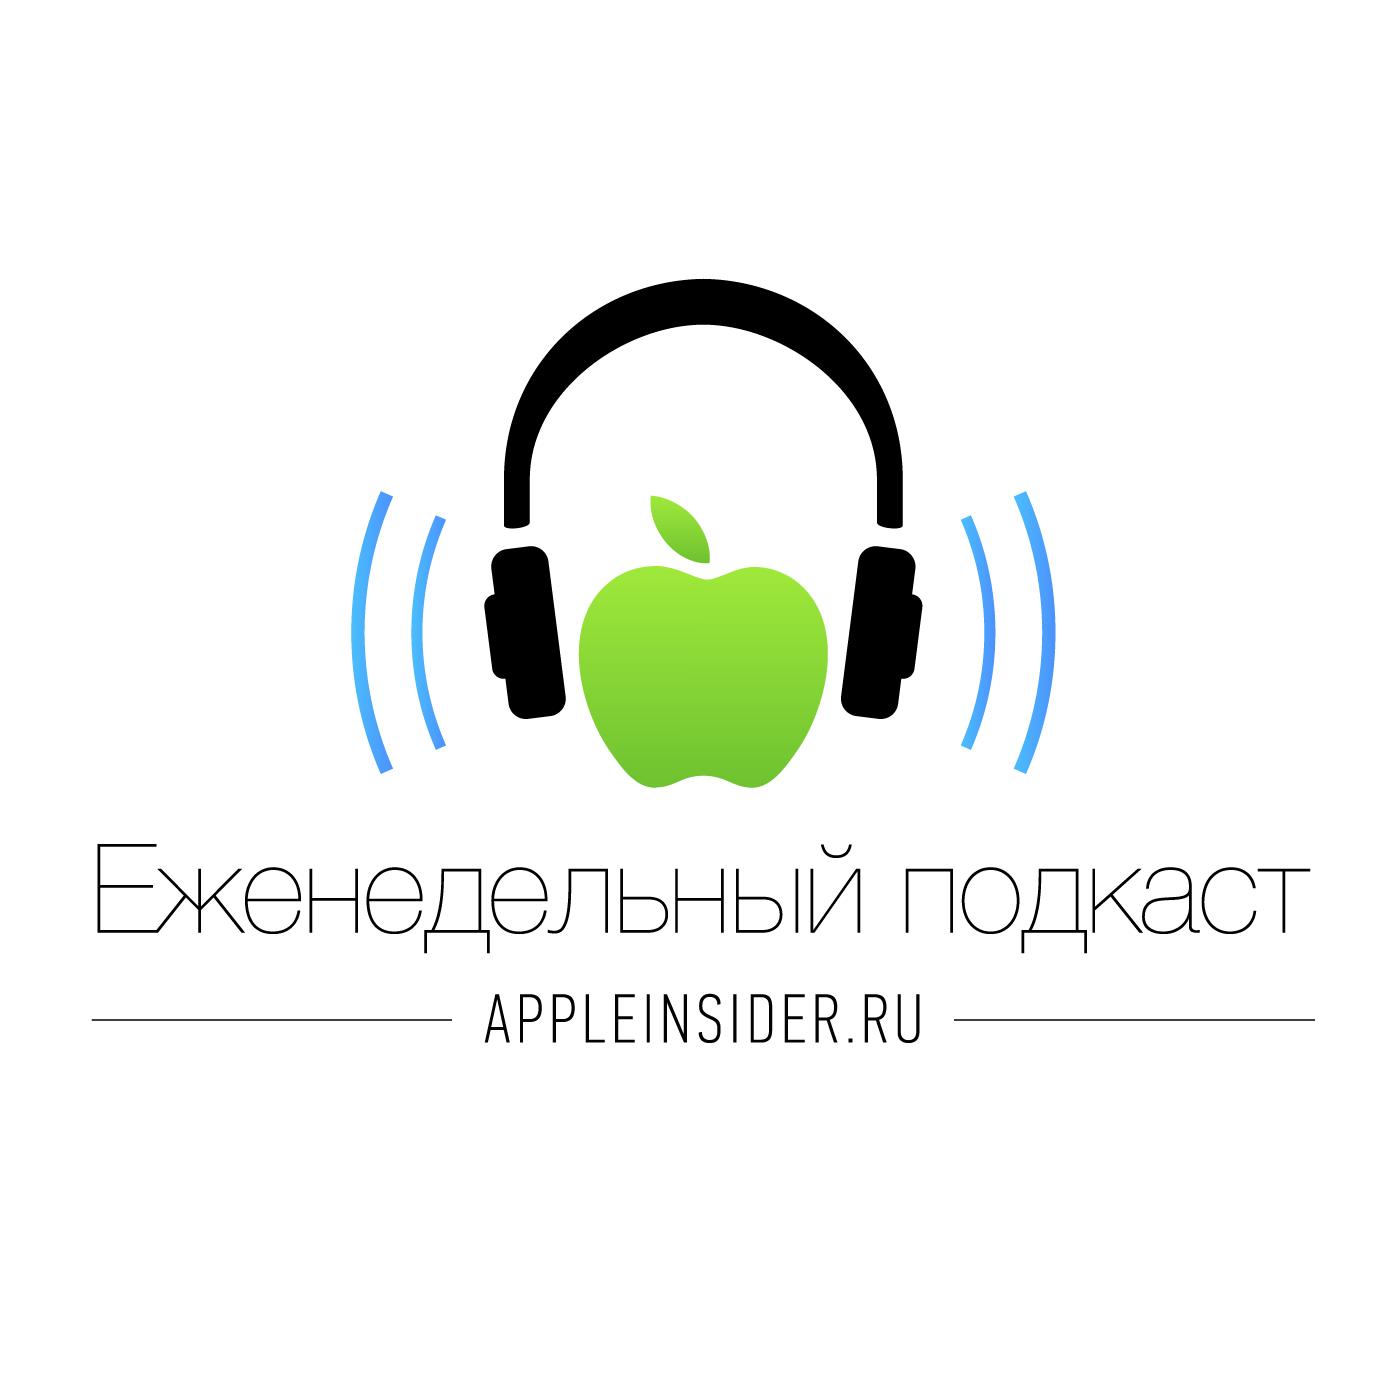 Миша Королев 30 стран, в которых iPhone стоит меньше, чем в России миша королев почему apple не дает доступ к nfc в iphone